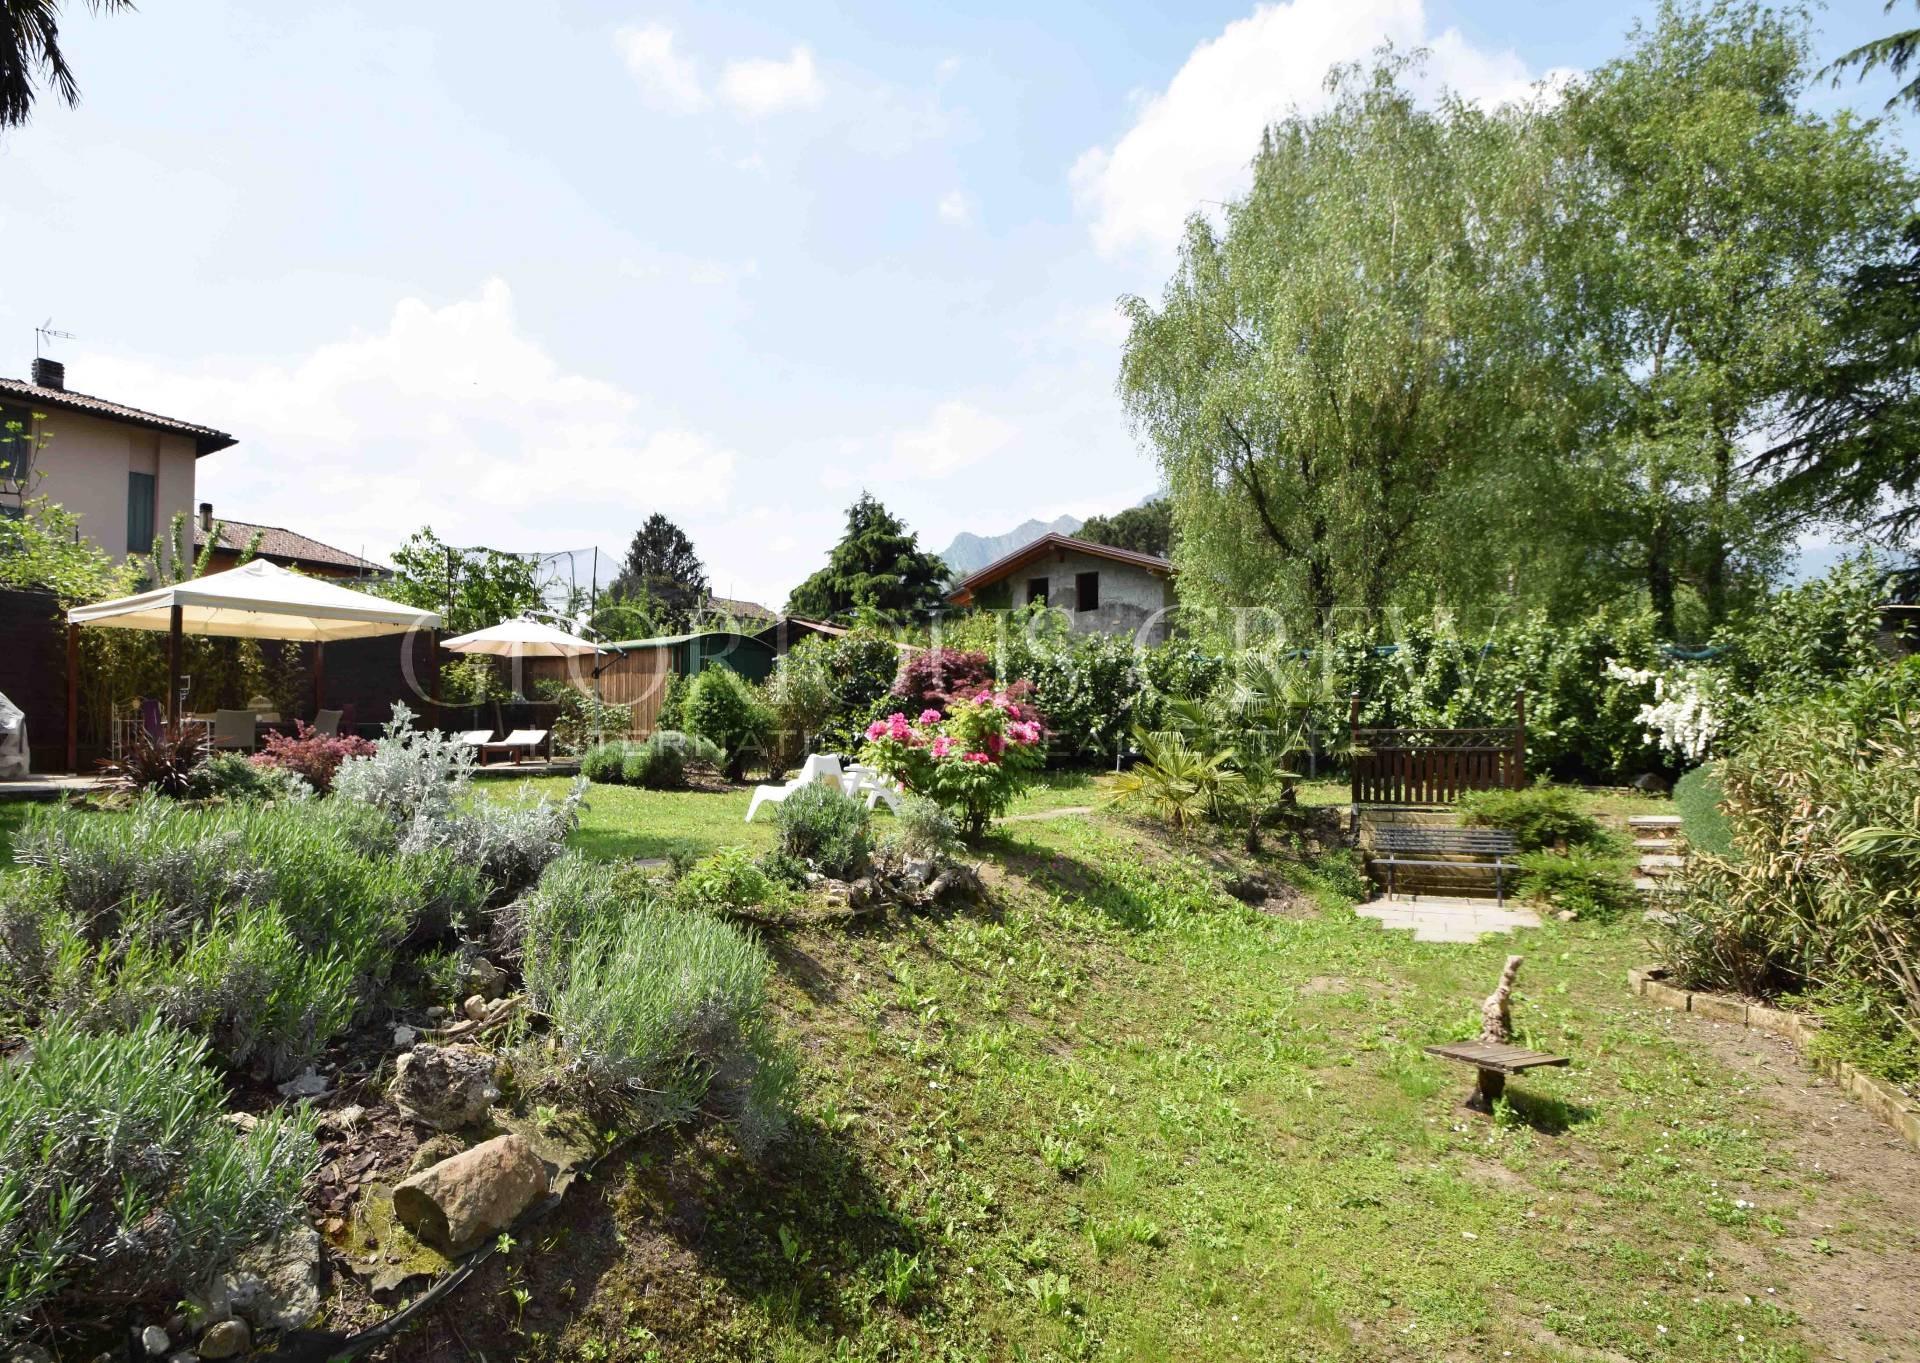 Villa in Vendita a Lecco: 5 locali, 200 mq